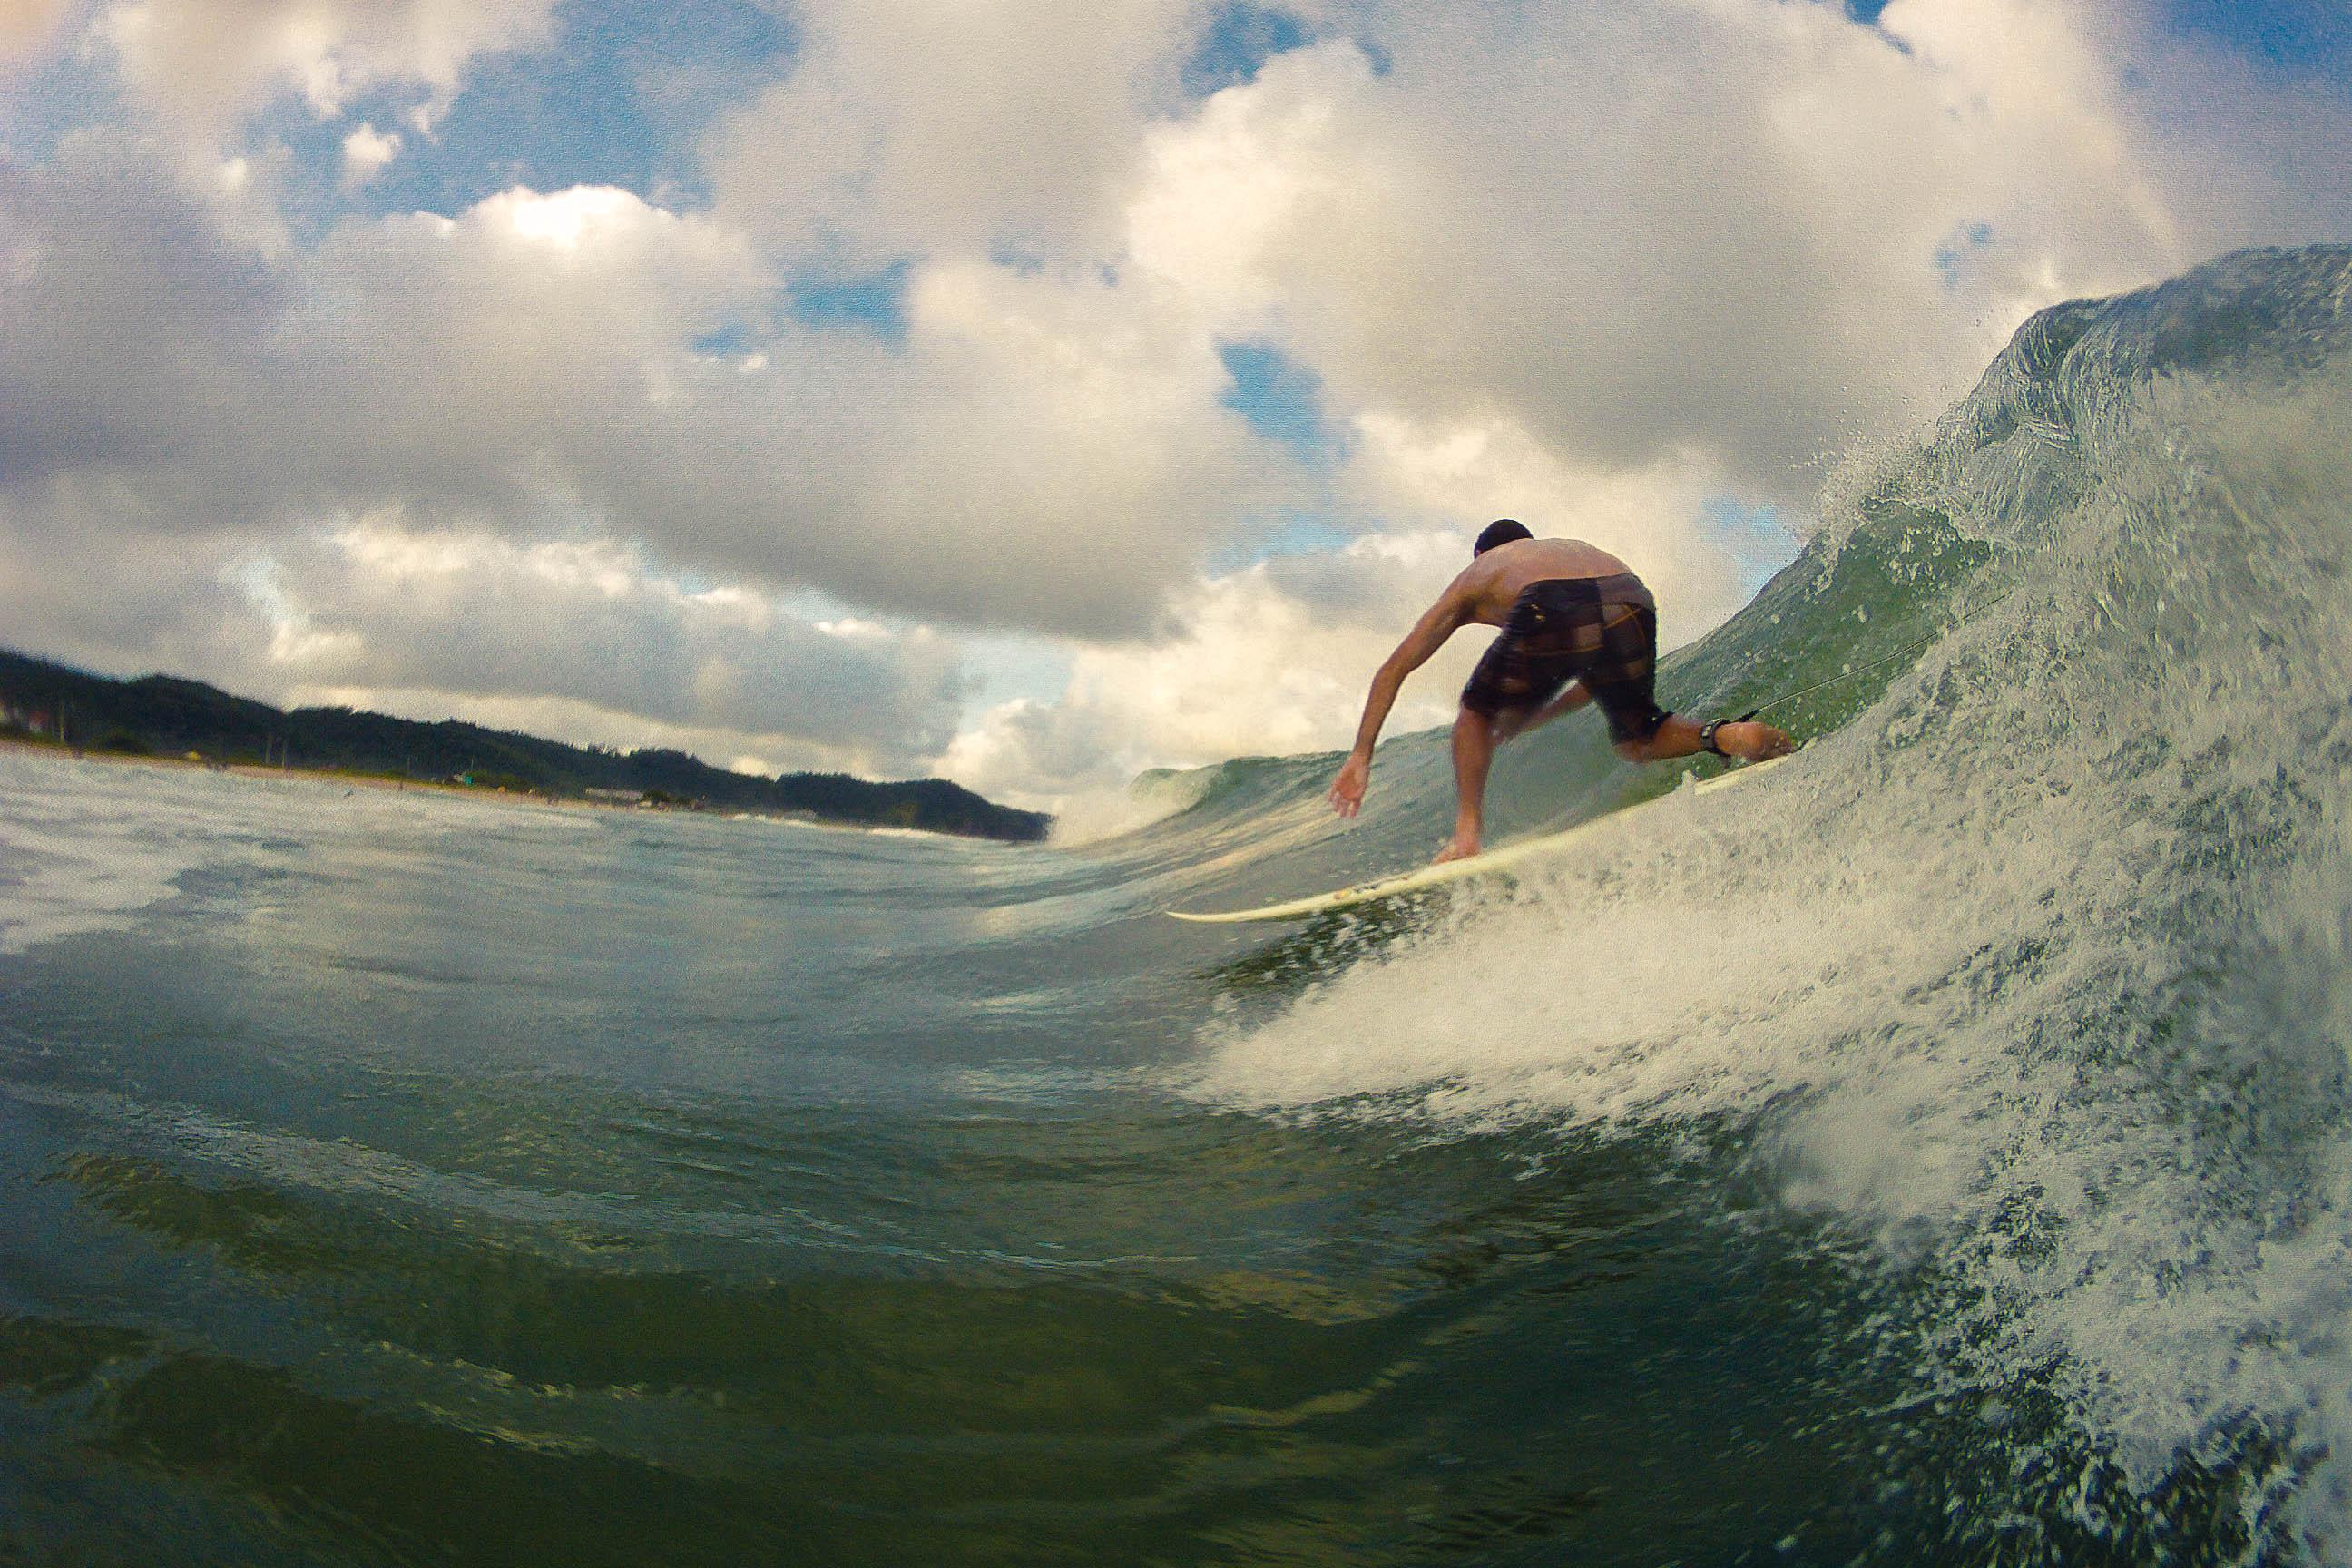 Surfing at Morjim beach